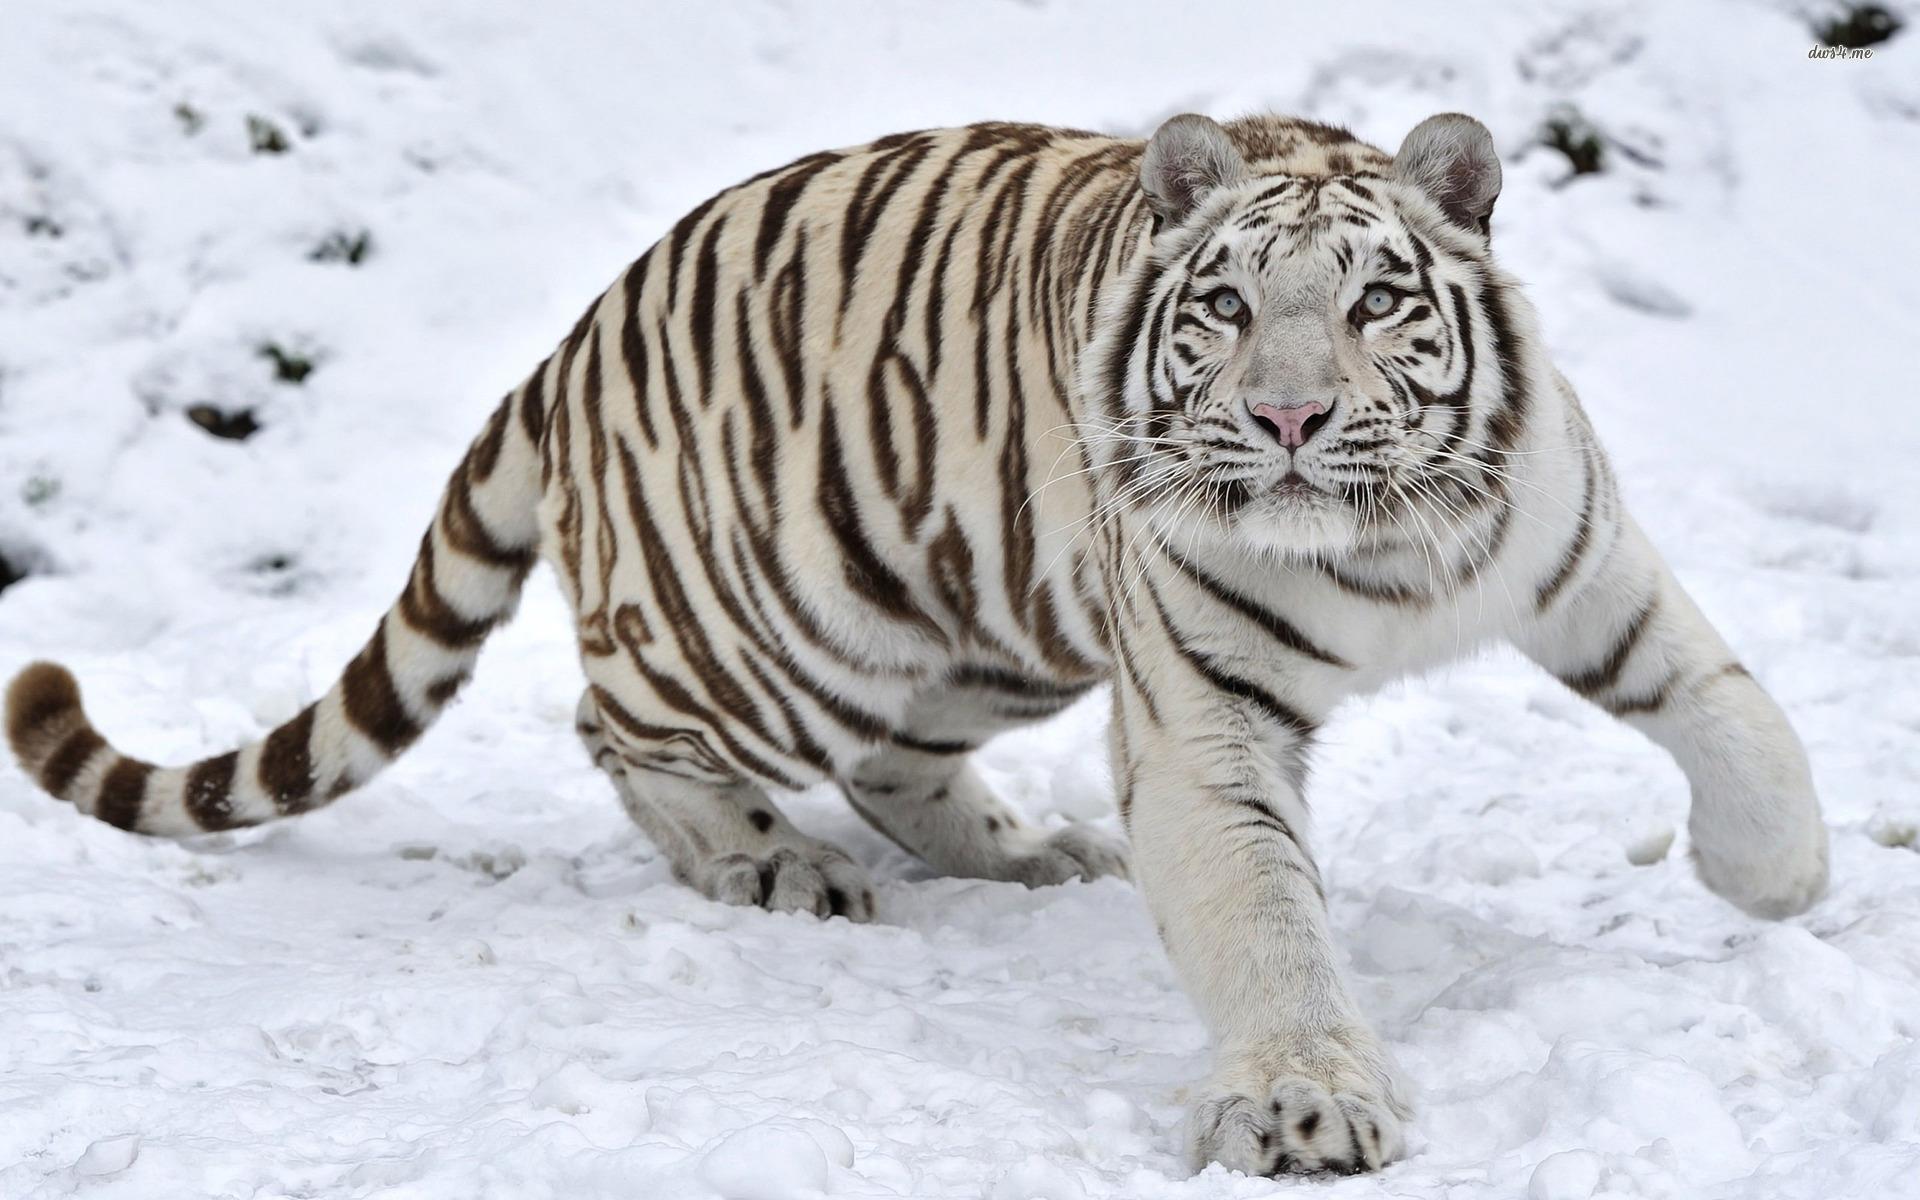 White Tiger HD Wallpaper Free Download